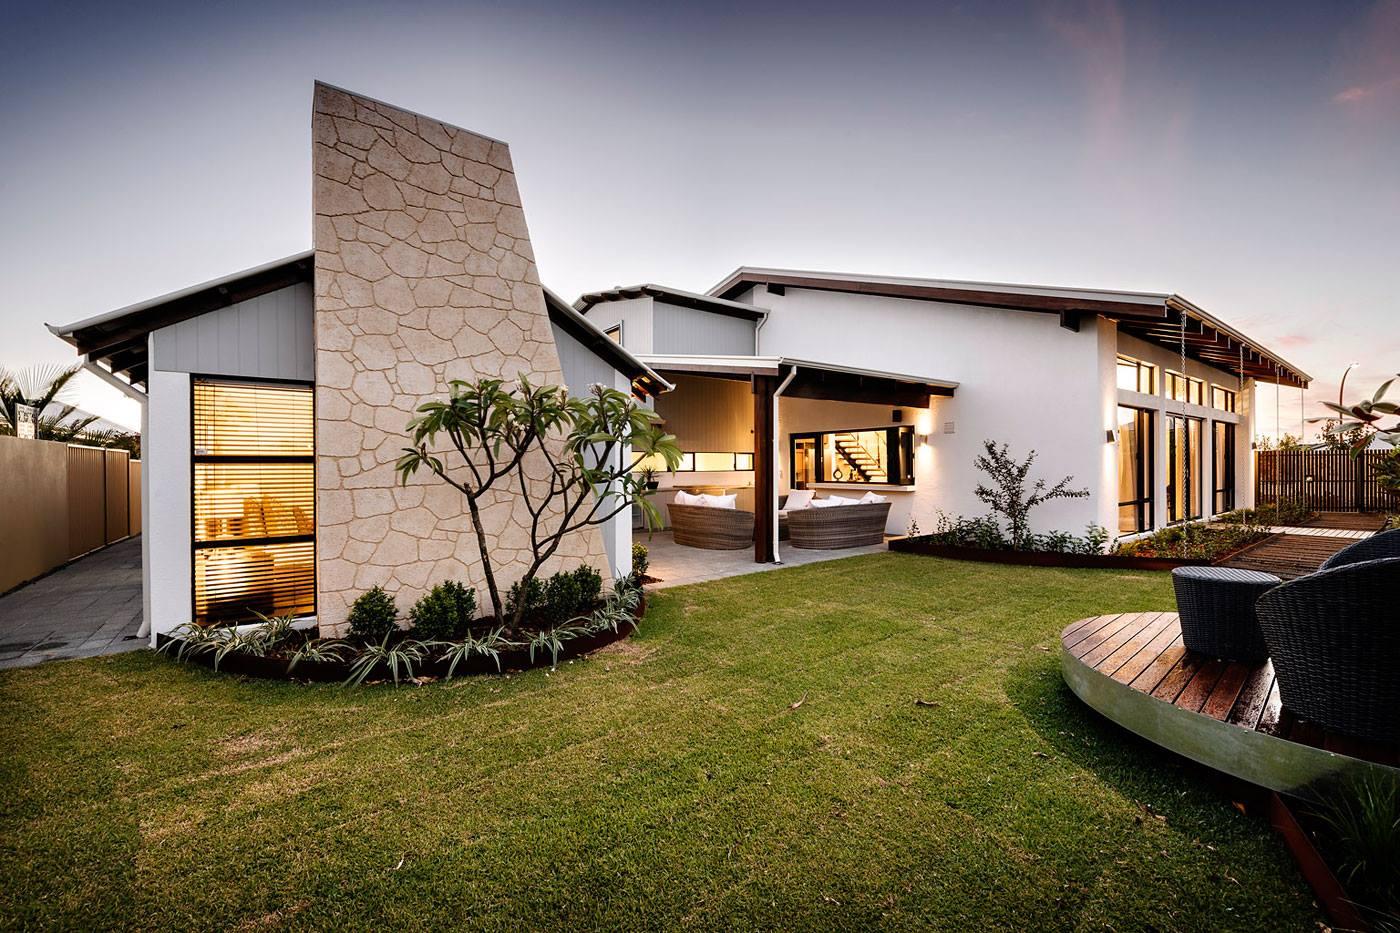 Mẫu nhà biệt thự vườn 1 tầng mang phong cách hiện đại